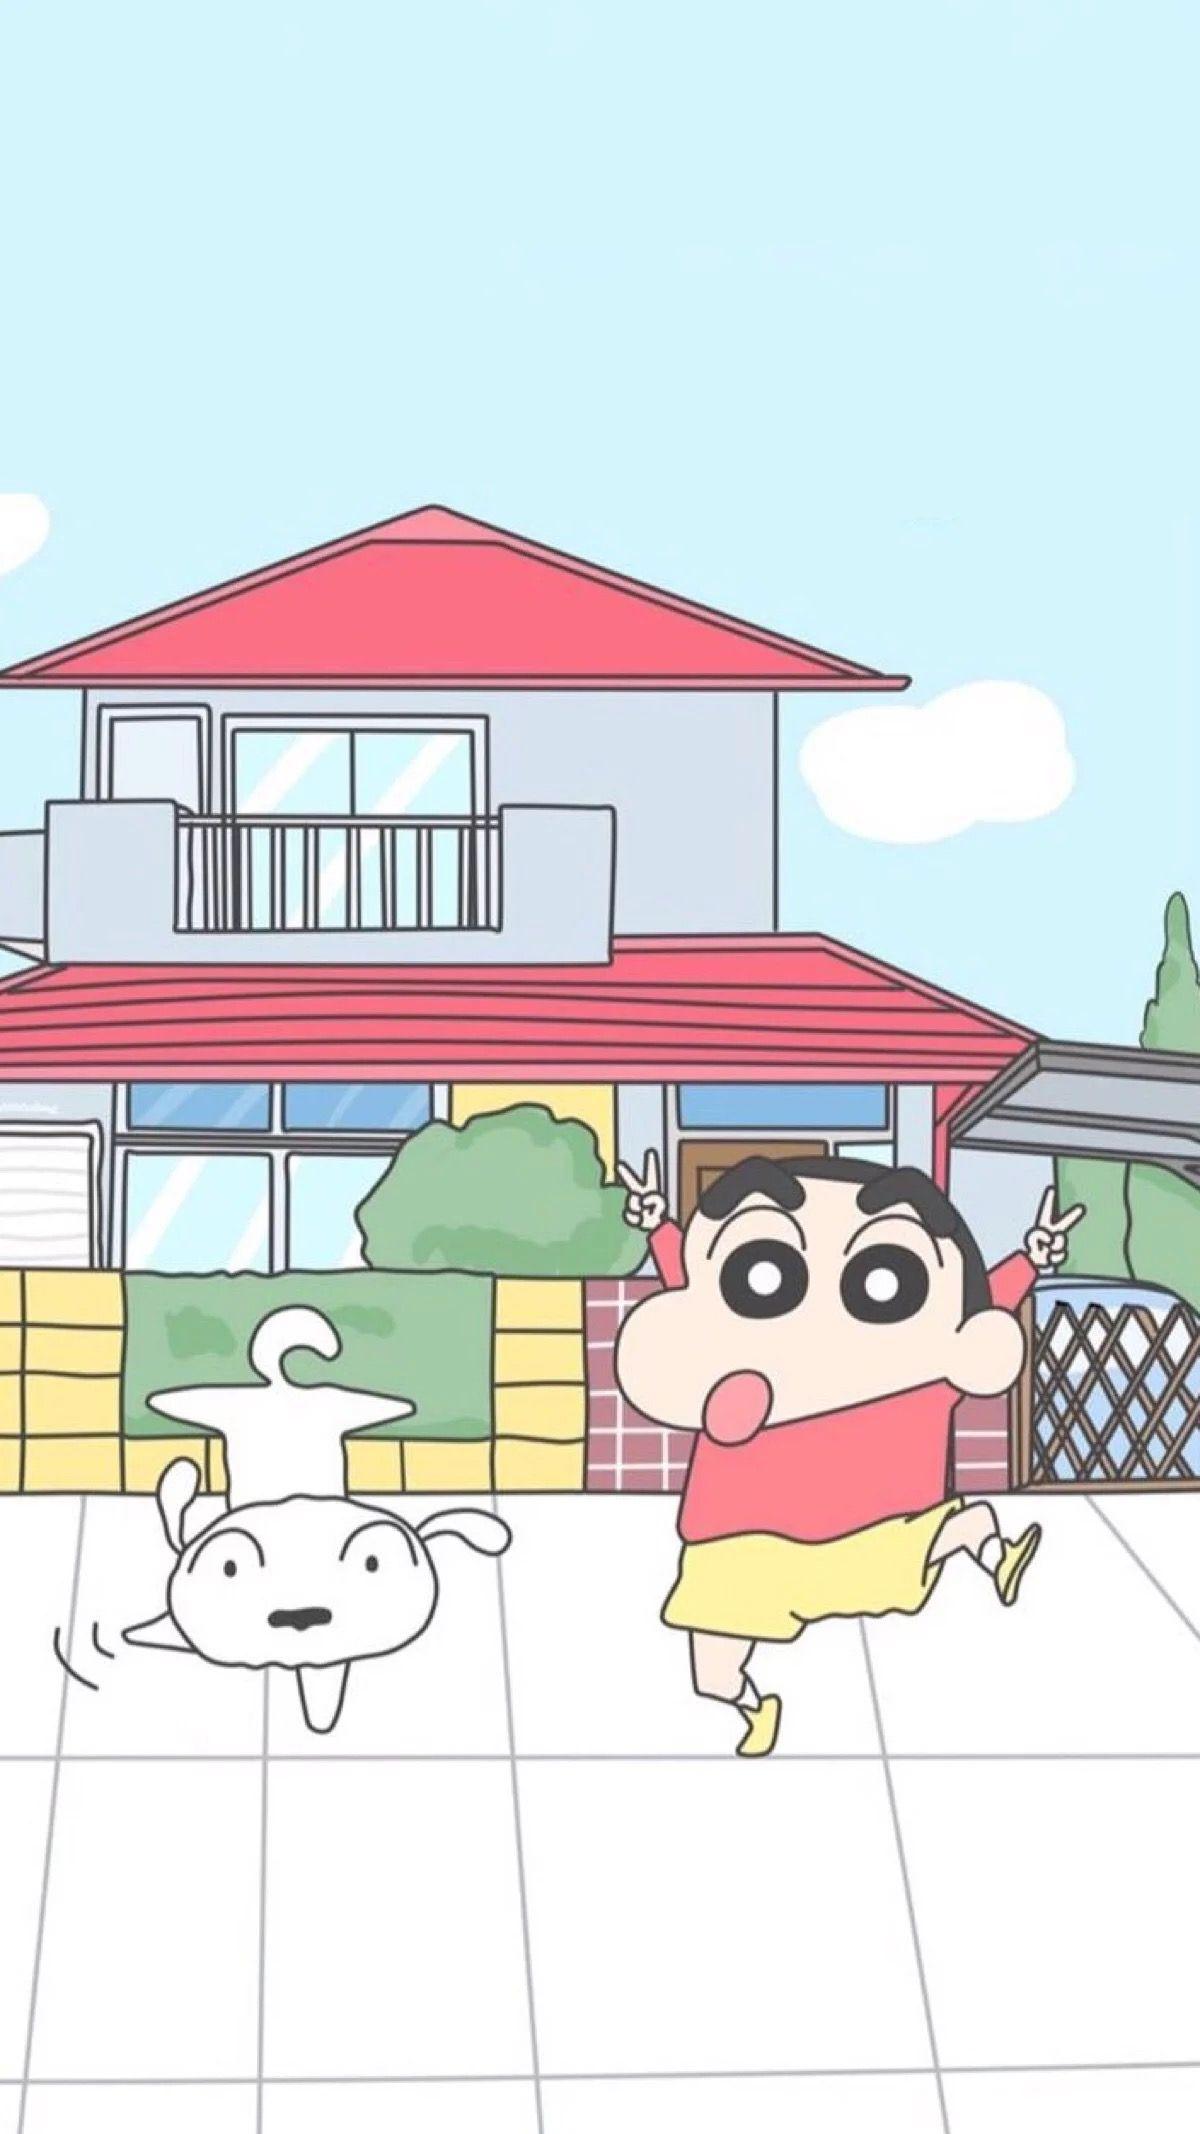 cute cartoon おしゃれまとめの人気アイデア pinterest estefani tames クレヨンしんちゃん イラスト しんちゃん イラスト クレヨン